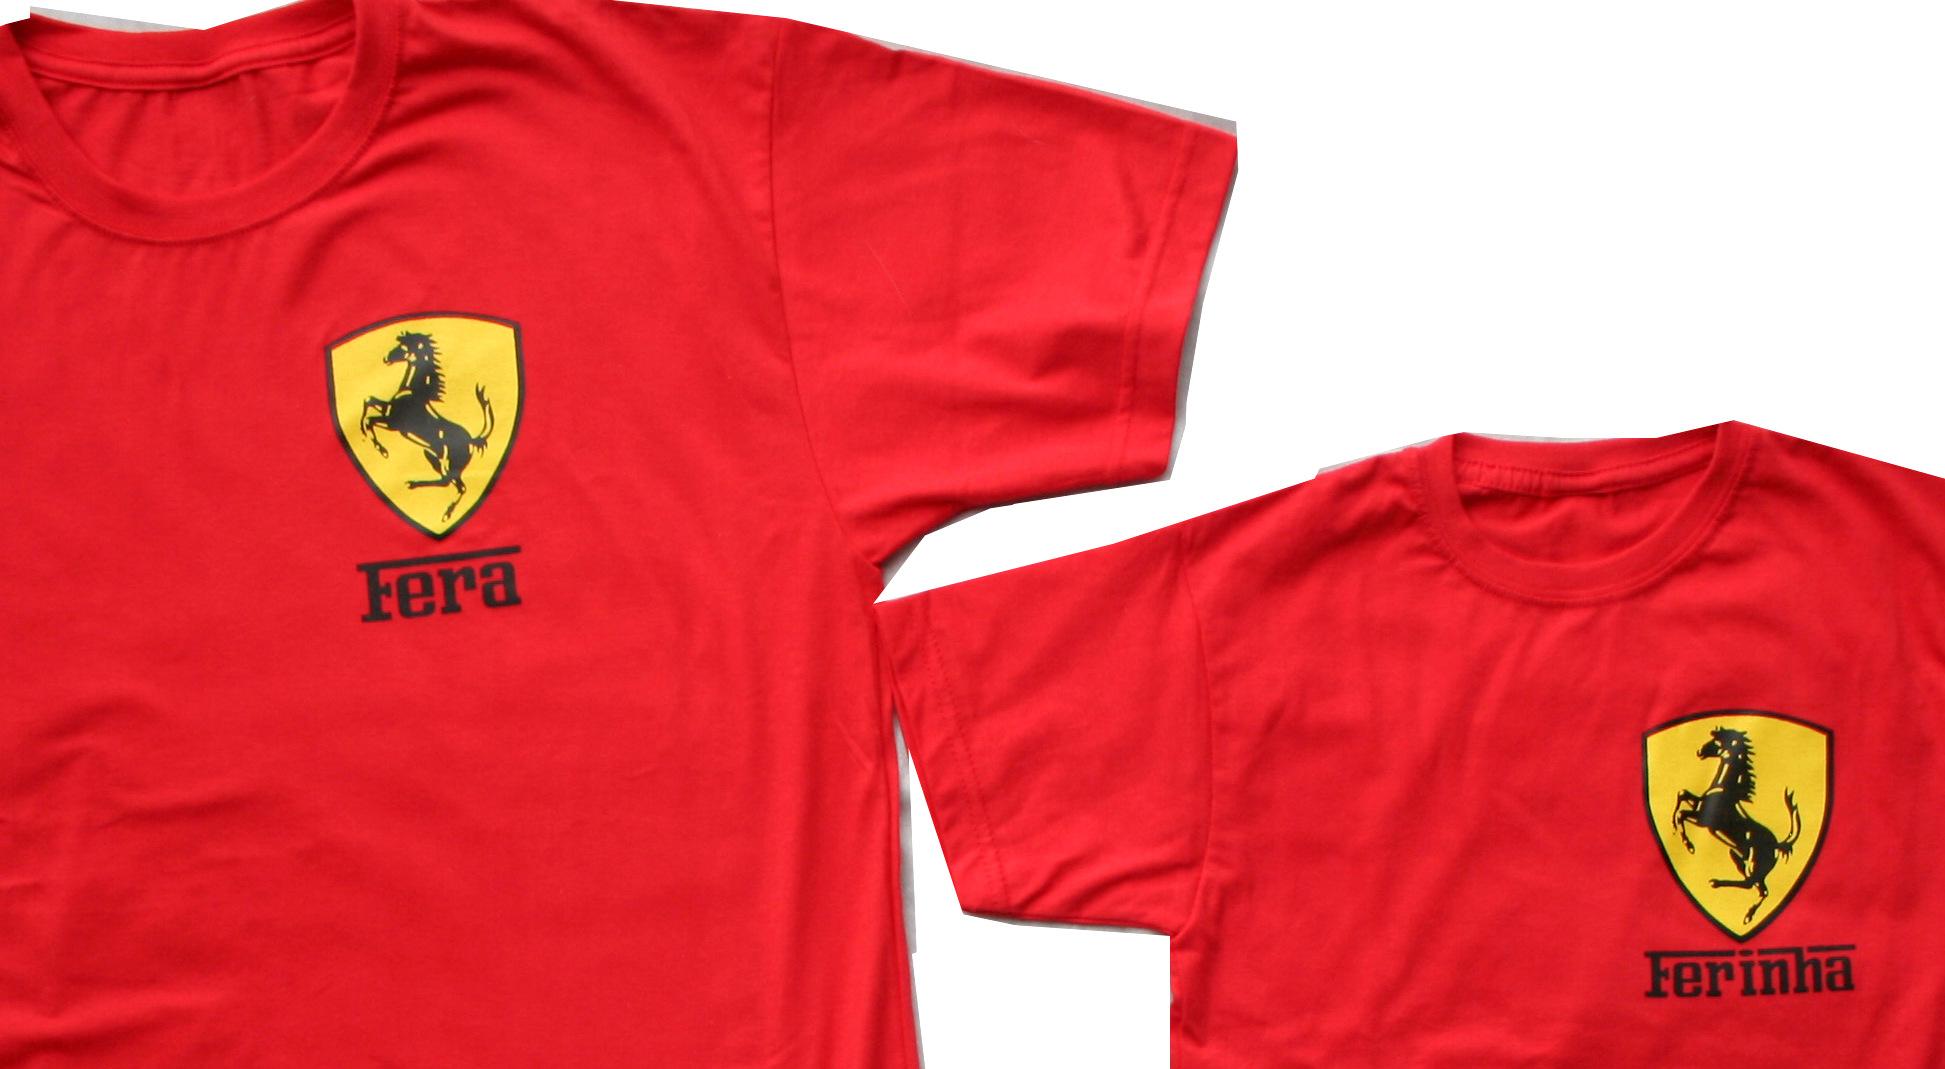 abe18651b2 Kit Camisetas Ferrari no Elo7 | Contém ideia (72DDFB)